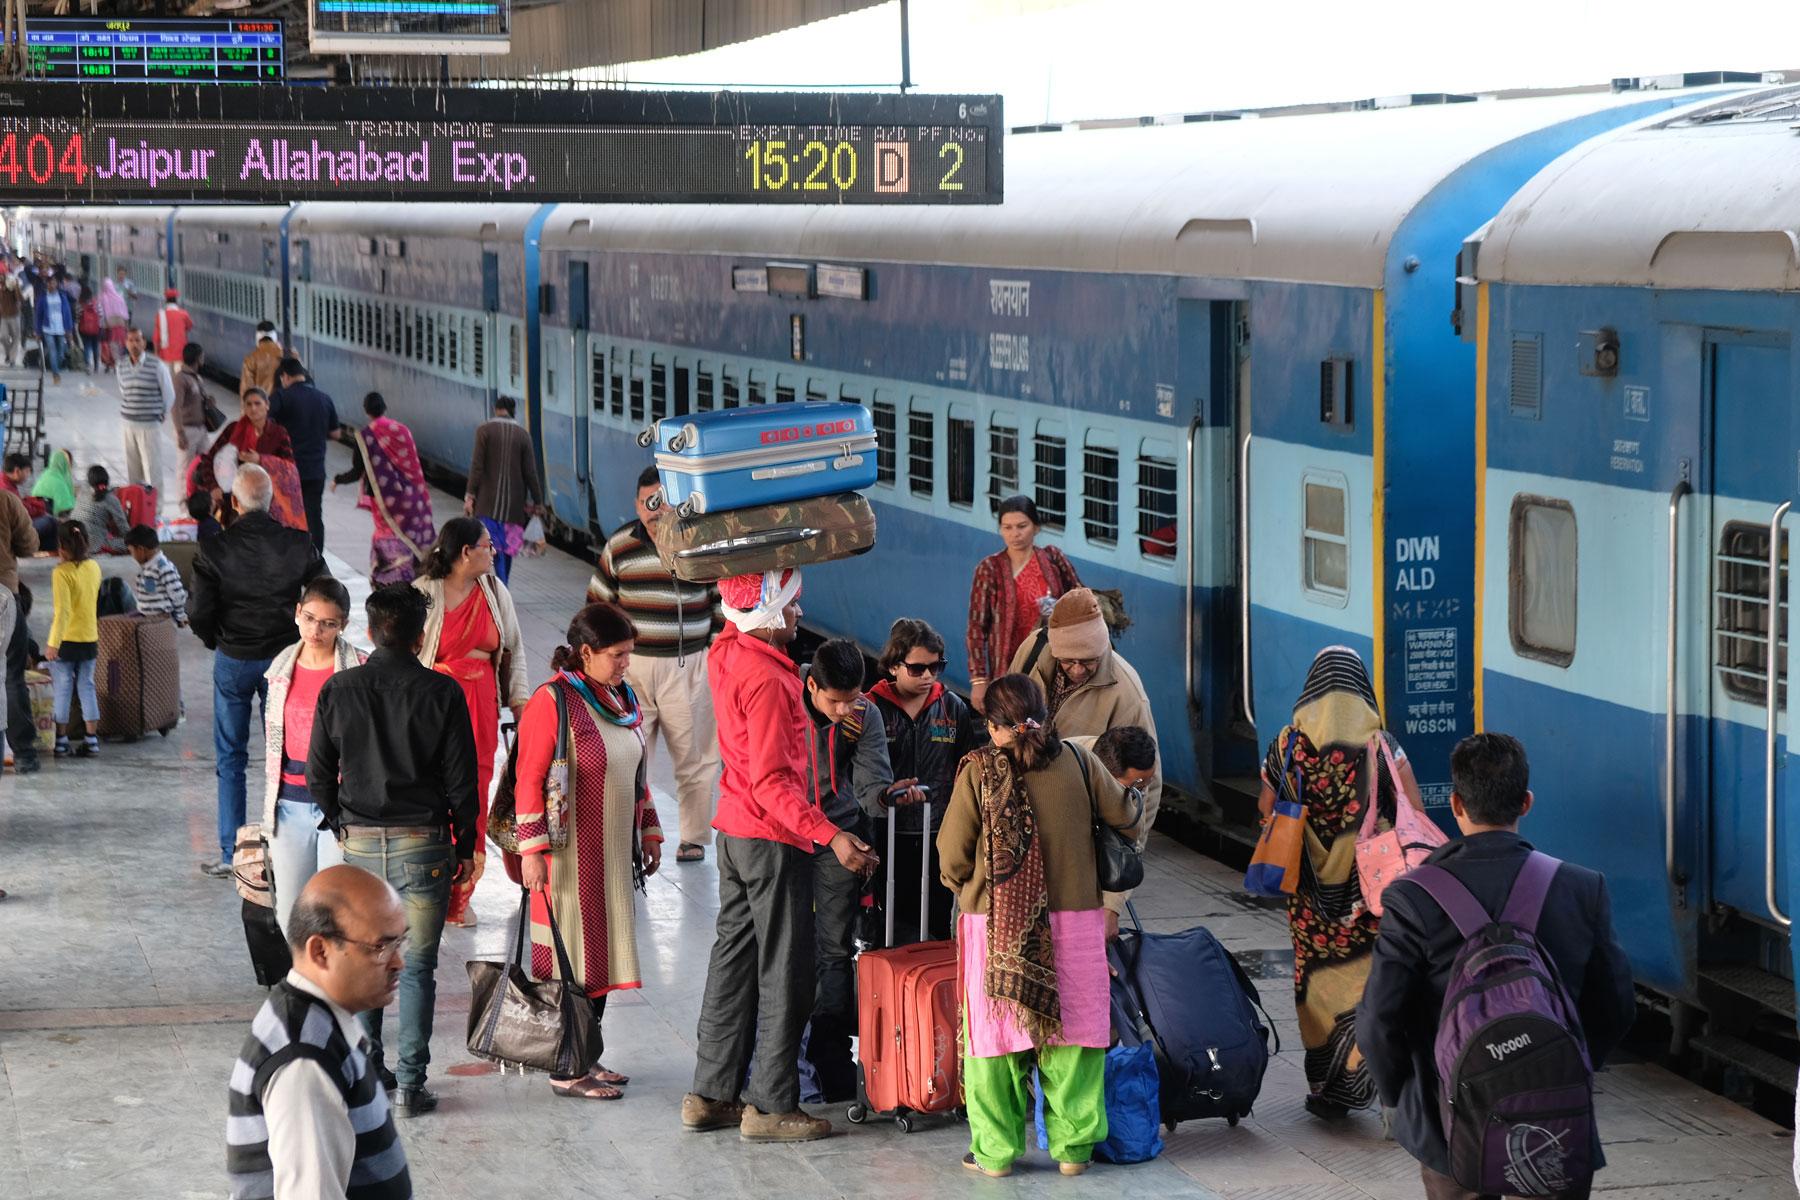 Menschen und ein Zug im Bahnhof von Jaipur.